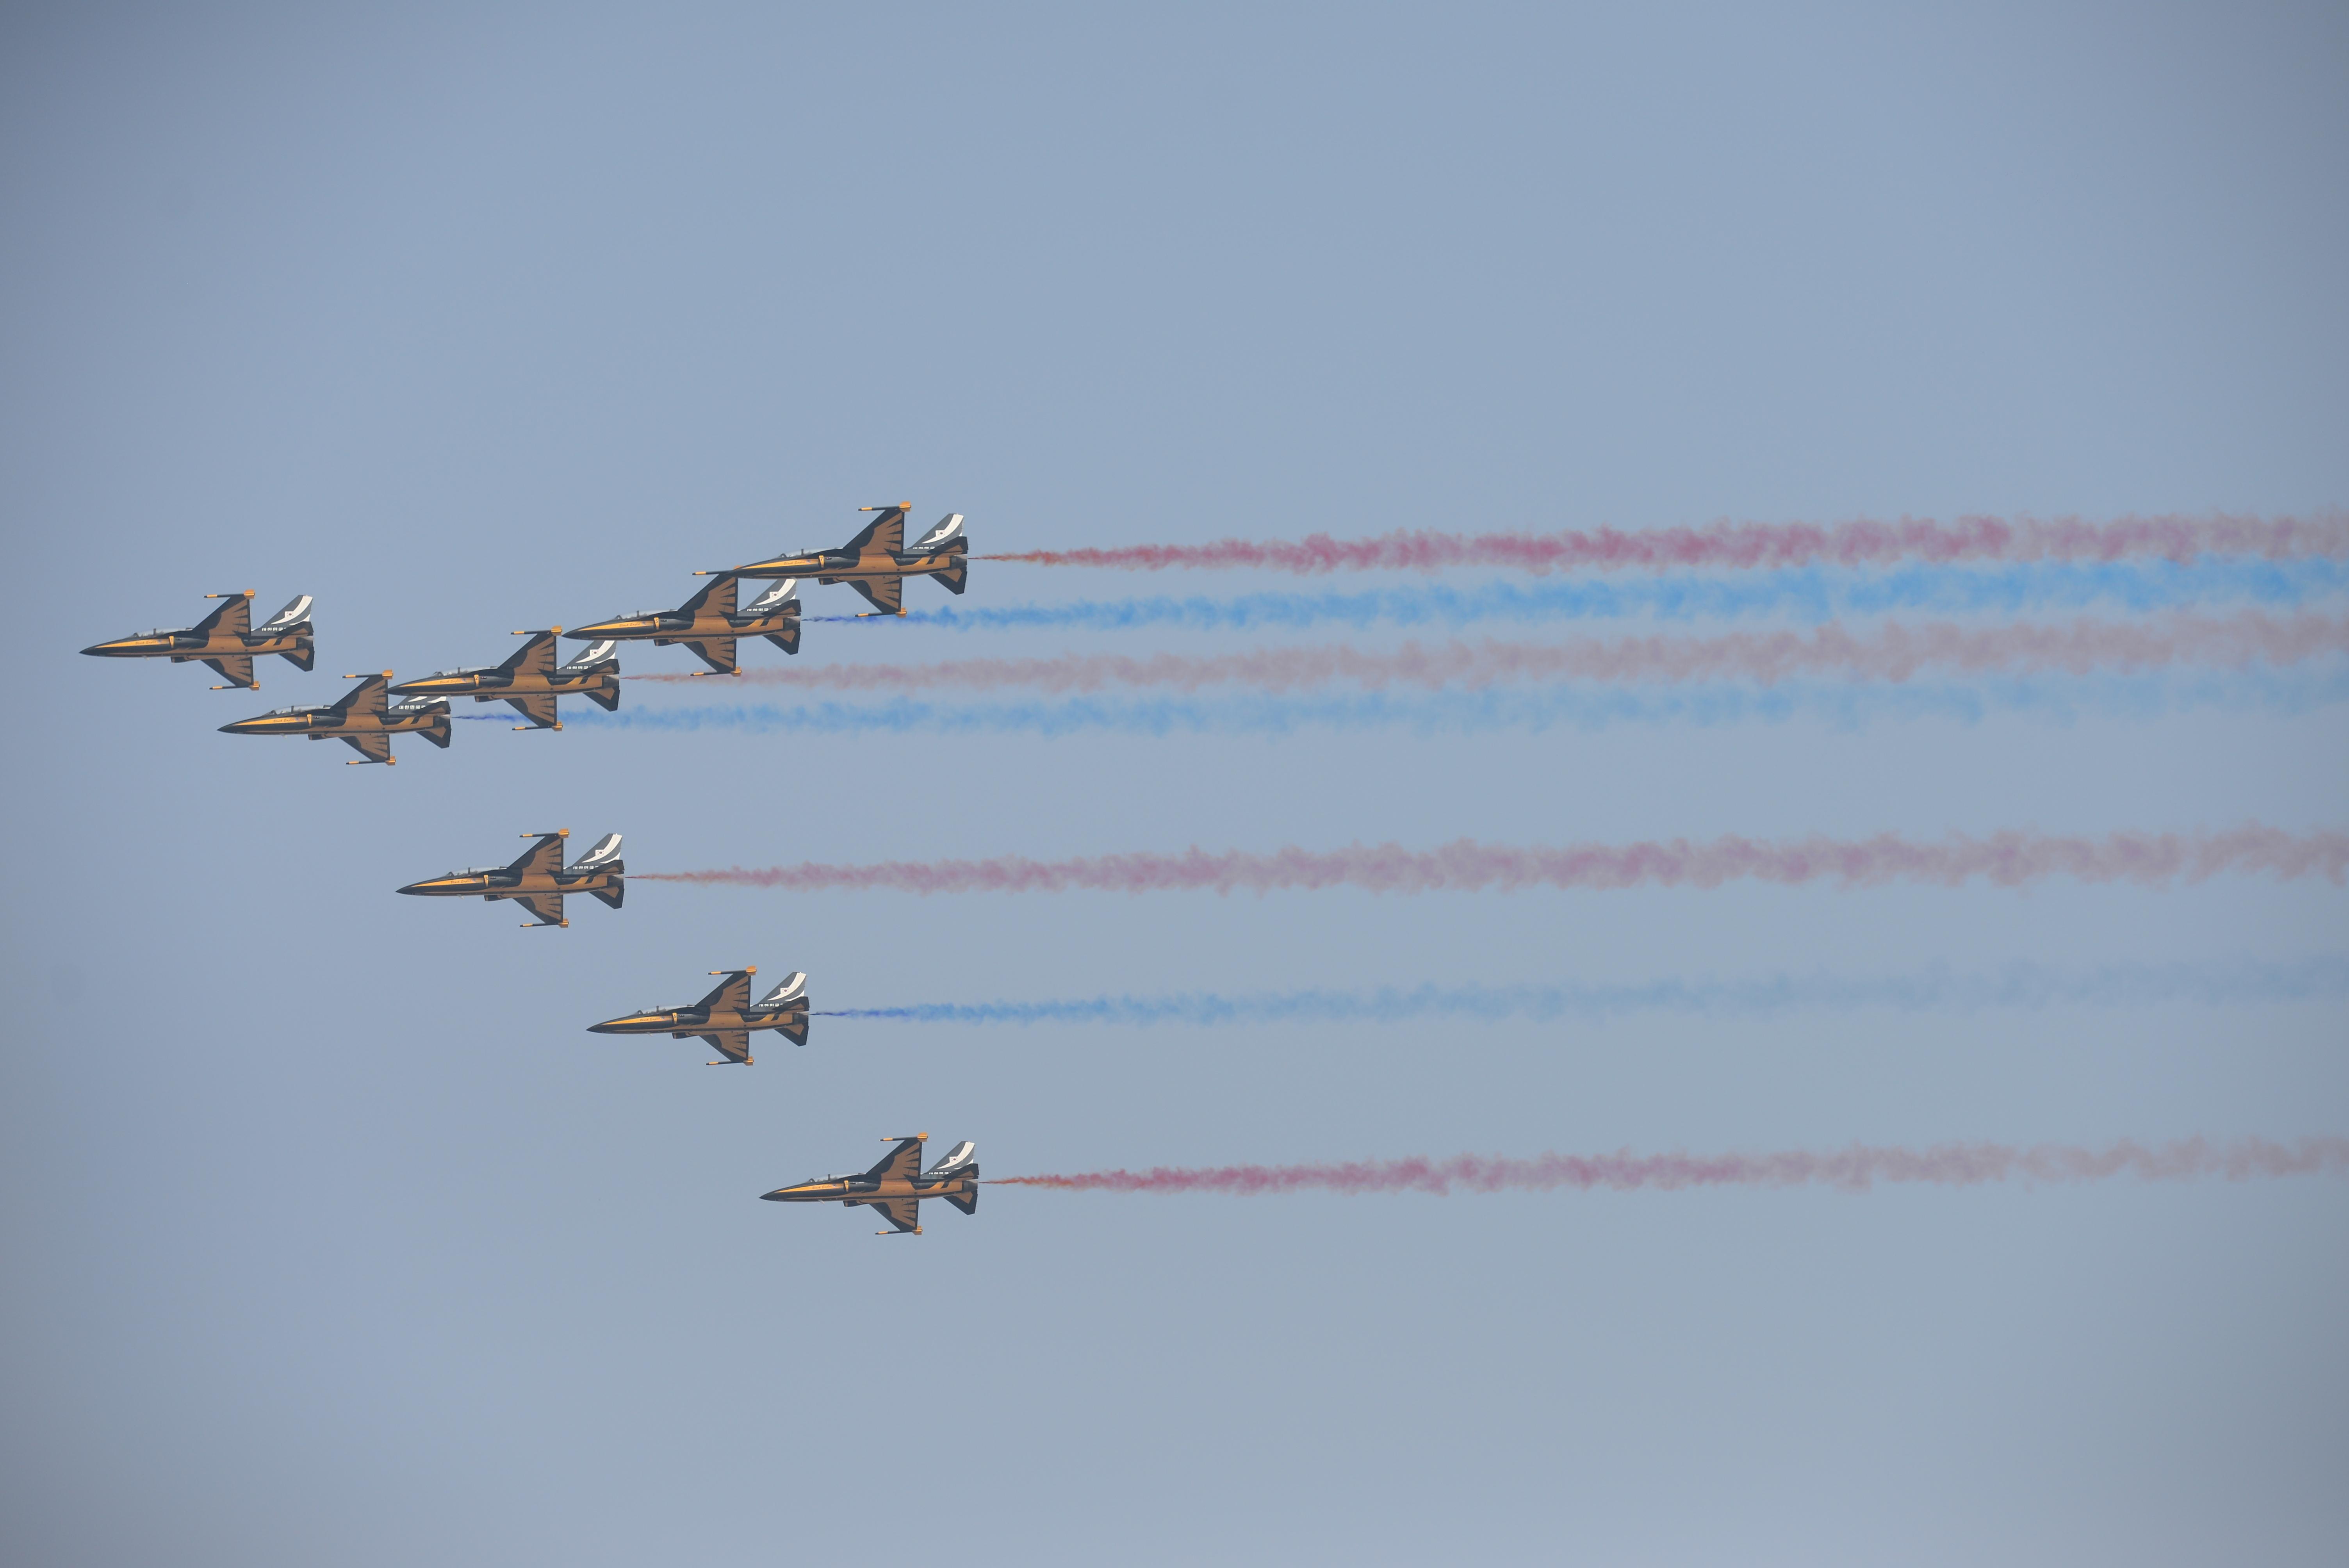 ニュース画像 3枚目:韓国空軍のブラックイーグルスも展示飛行、2015年の様子